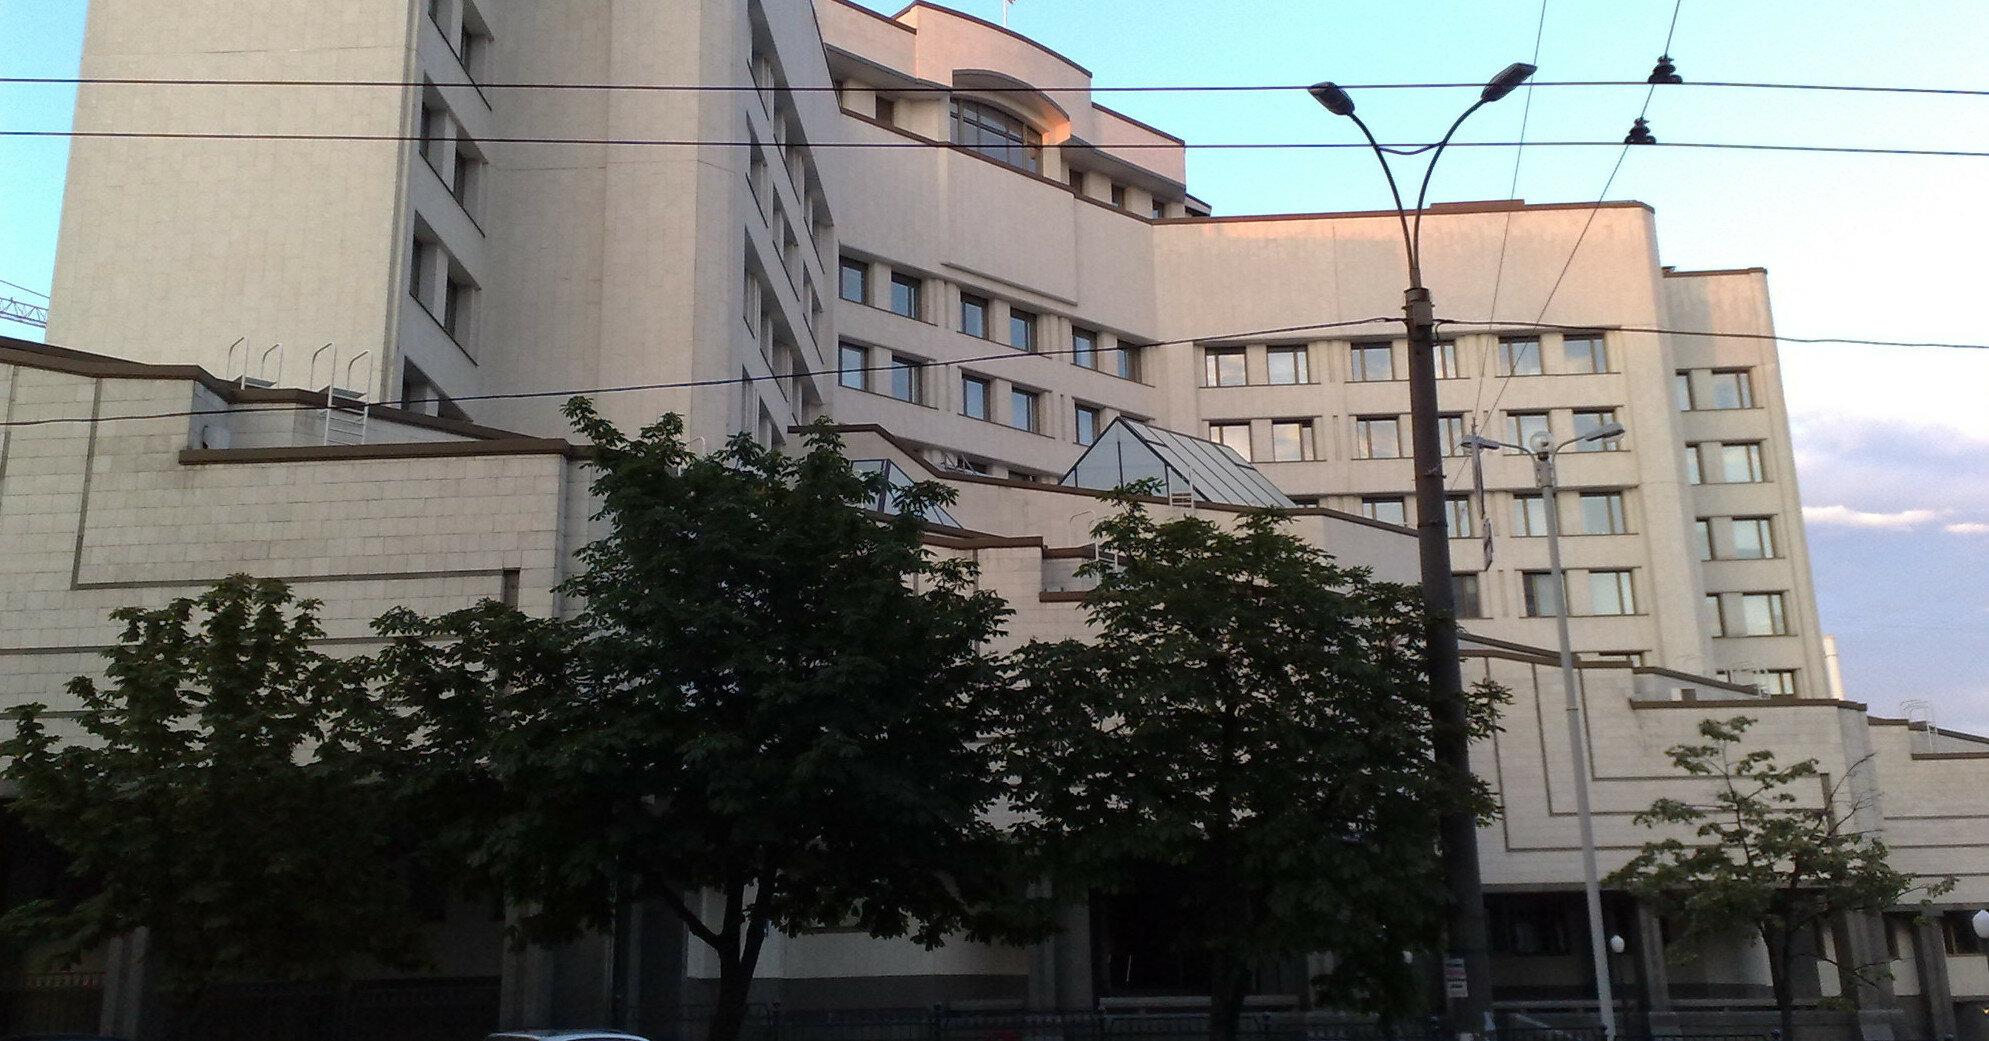 Судьи заблокировали работу КСУ: требуют участия Тупицкого